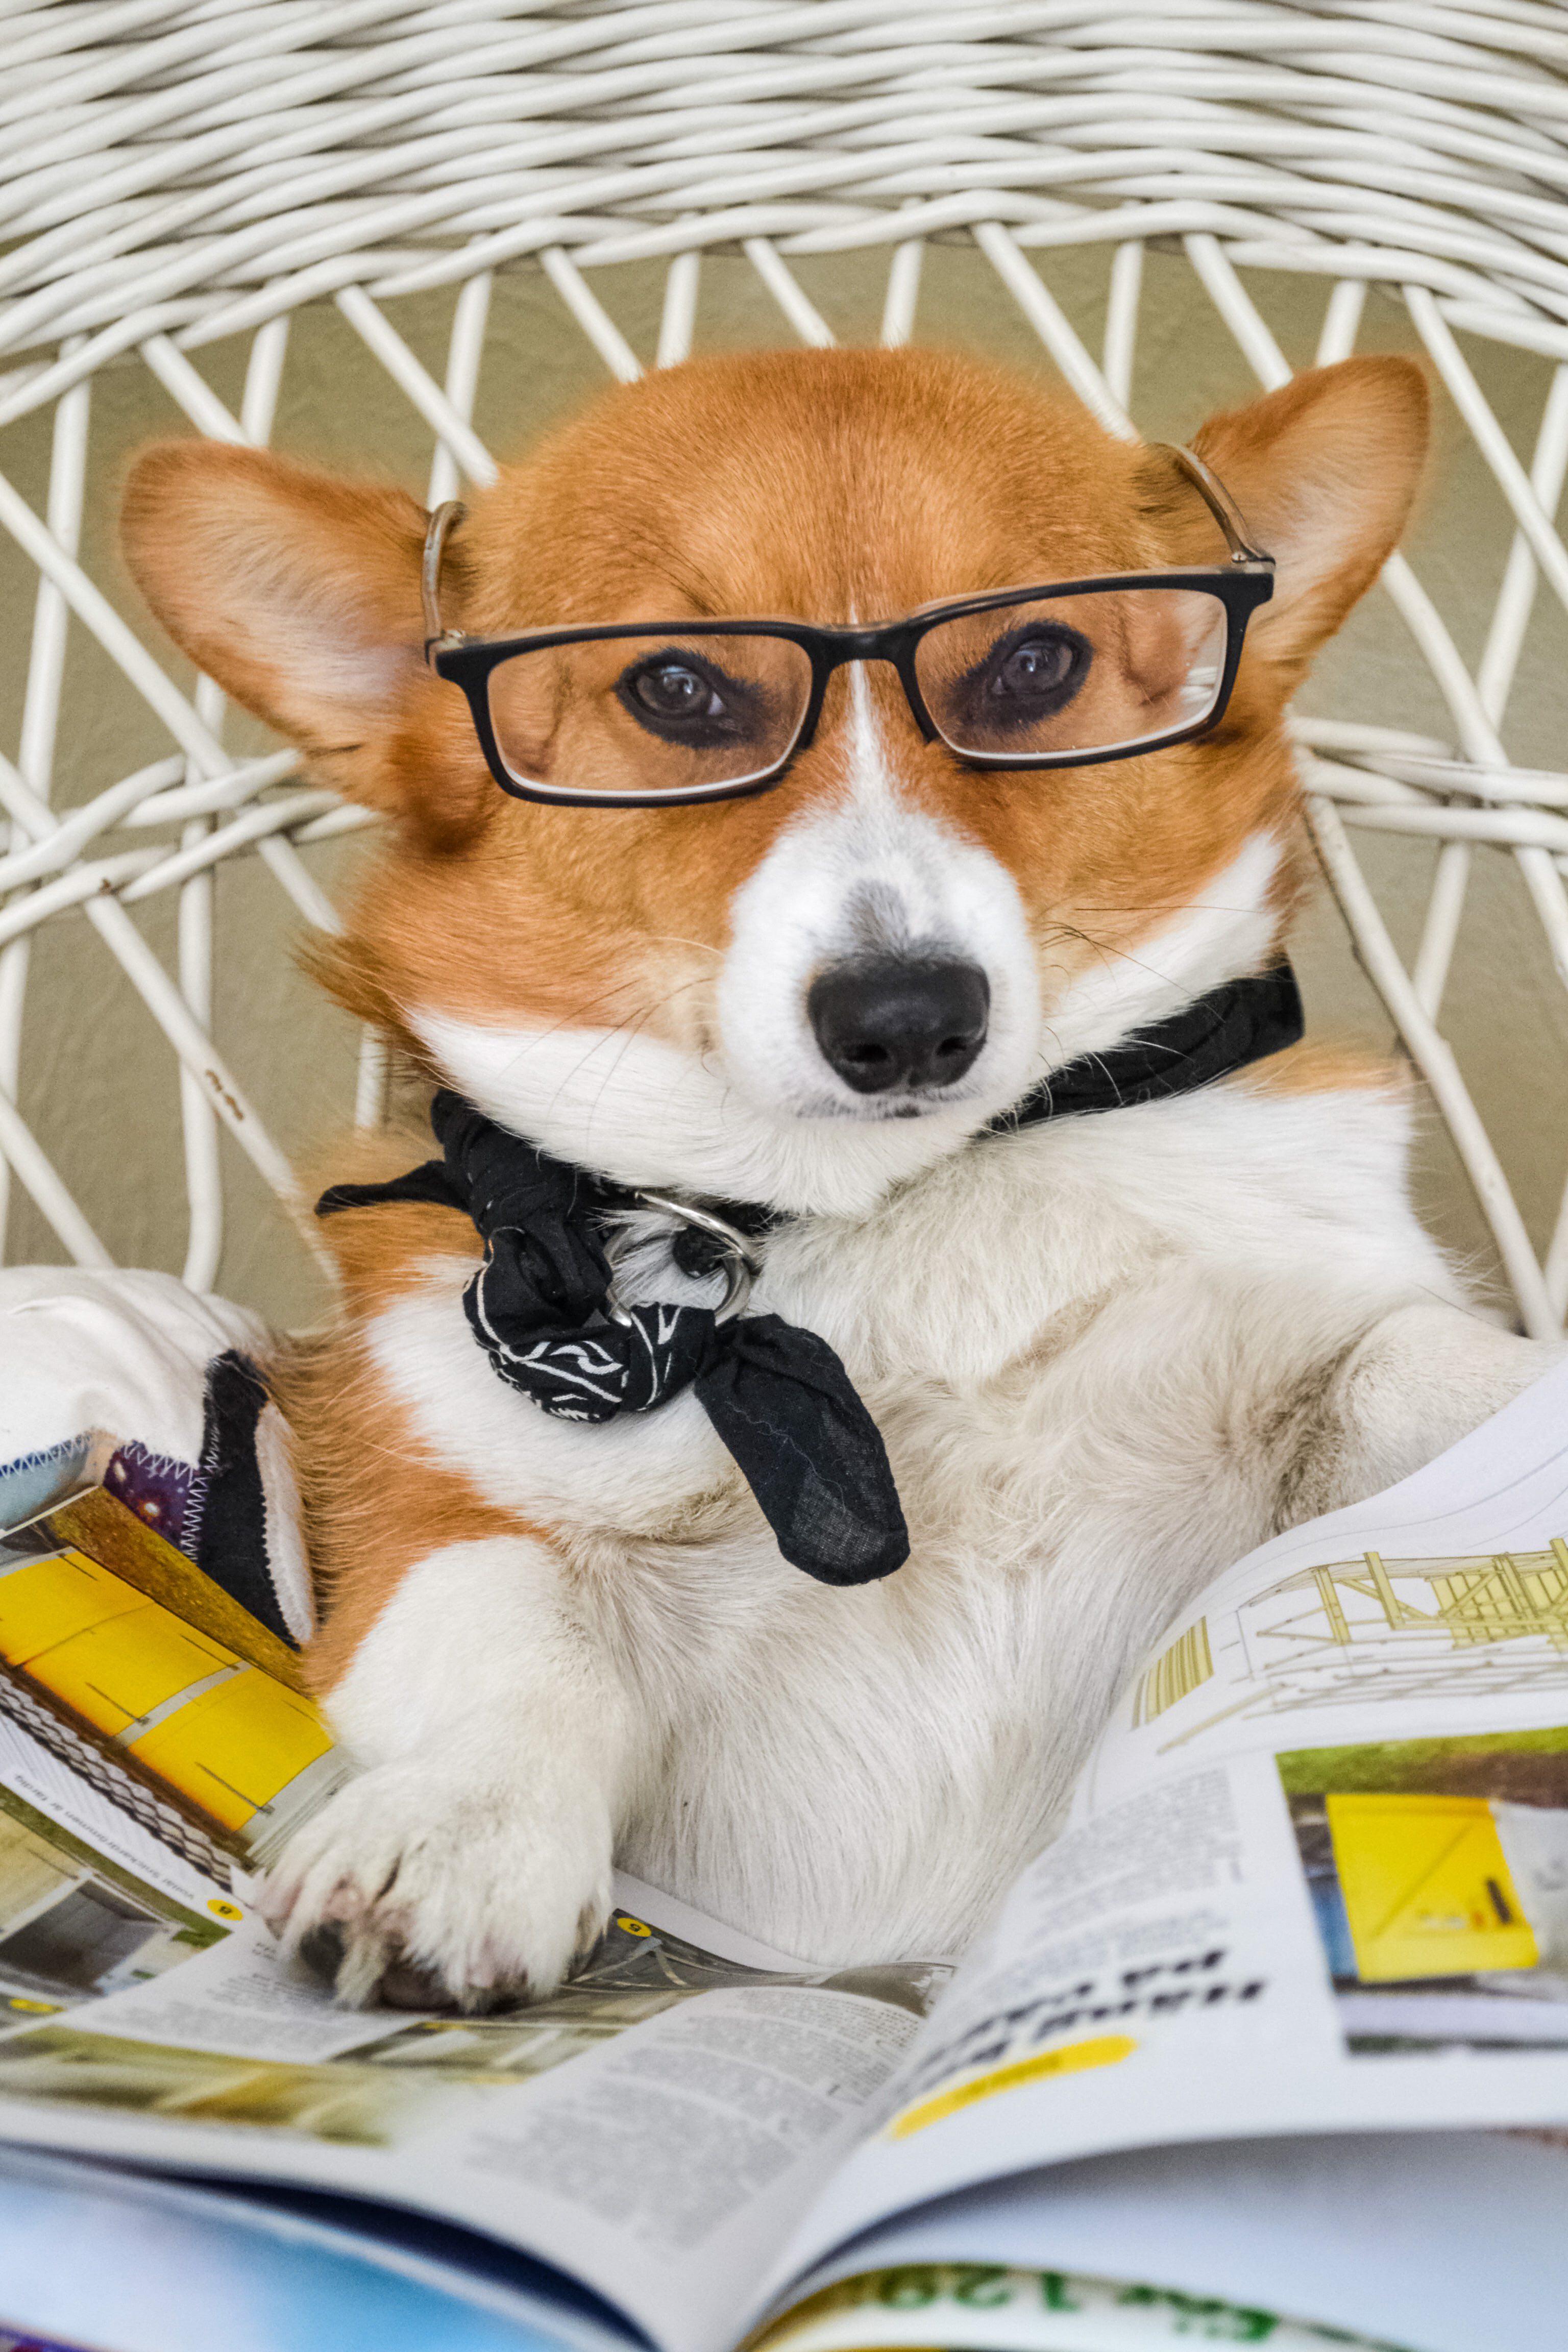 Corgi wearing glasses holding magazine